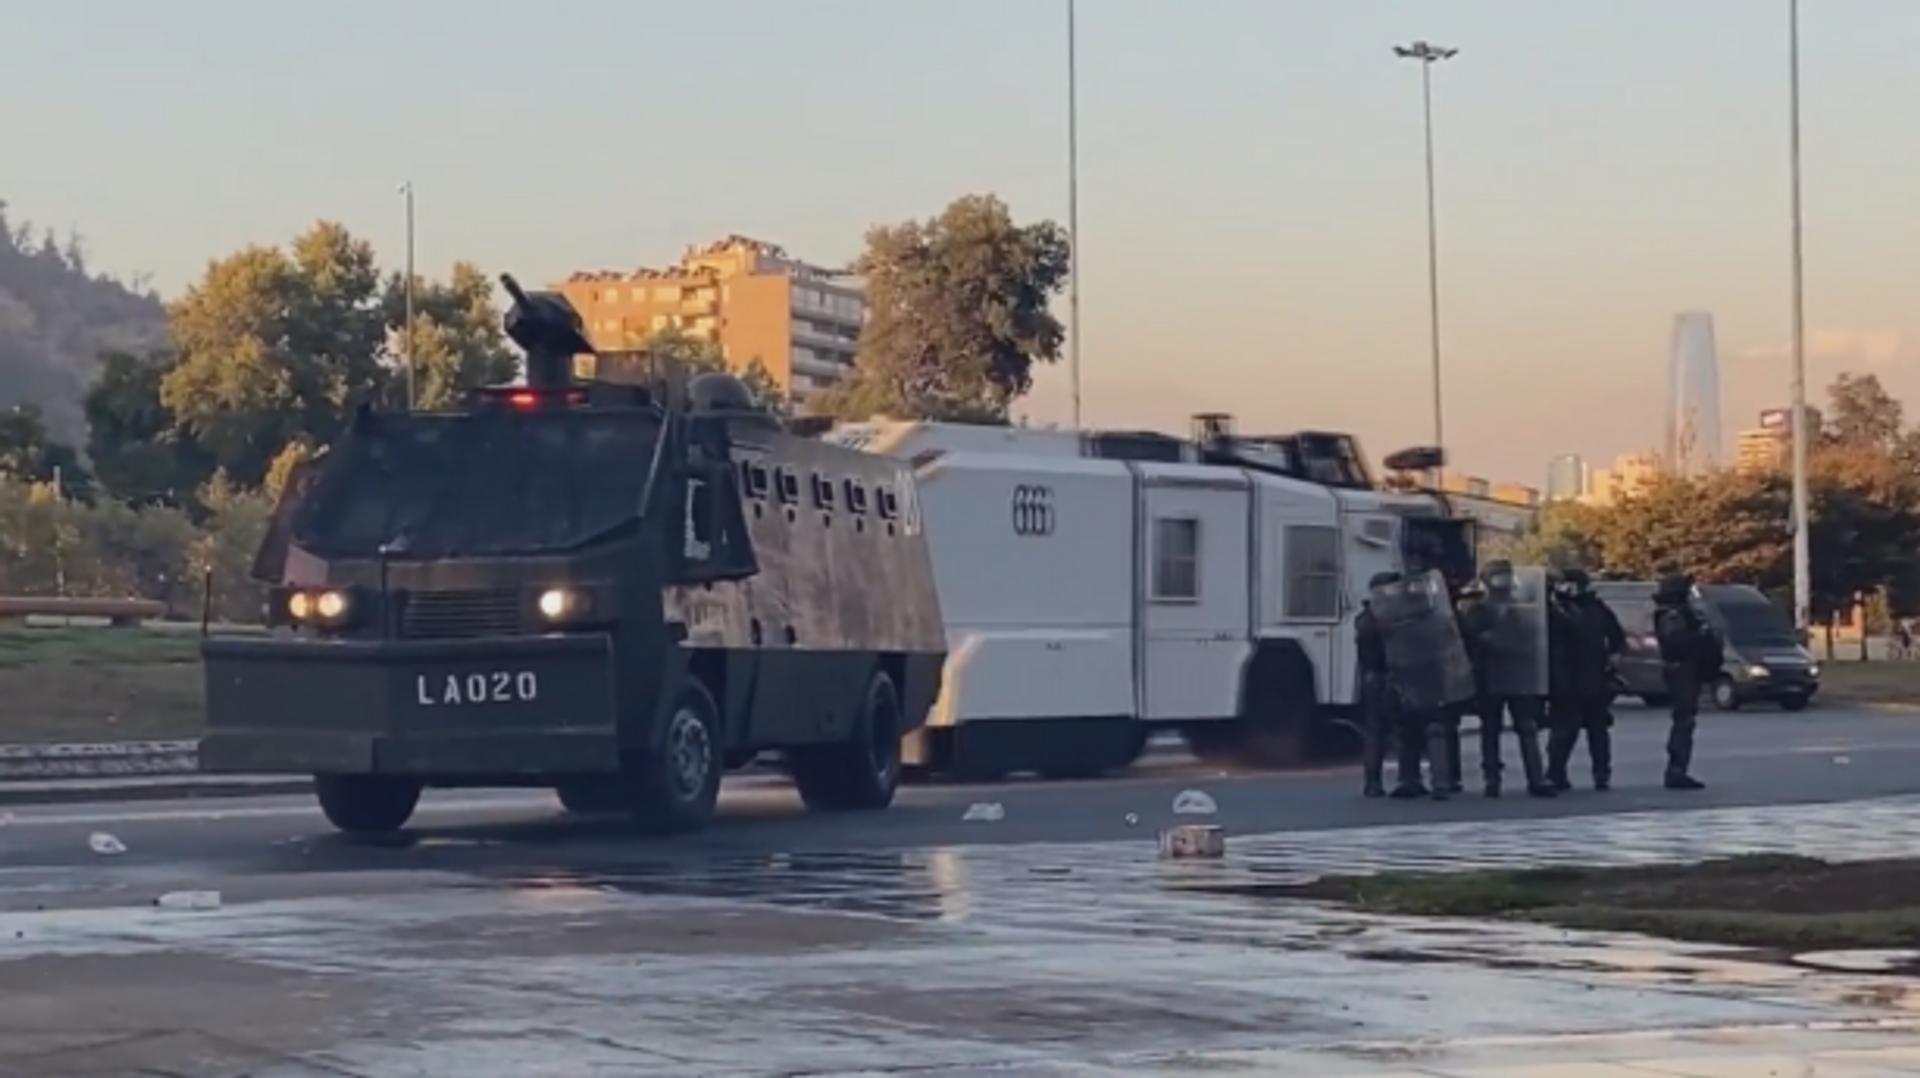 Fuertes enfrentamientos con las fuerzas policiales vuelven a las calles de la capital de Chile  - Sputnik Mundo, 1920, 06.03.2021